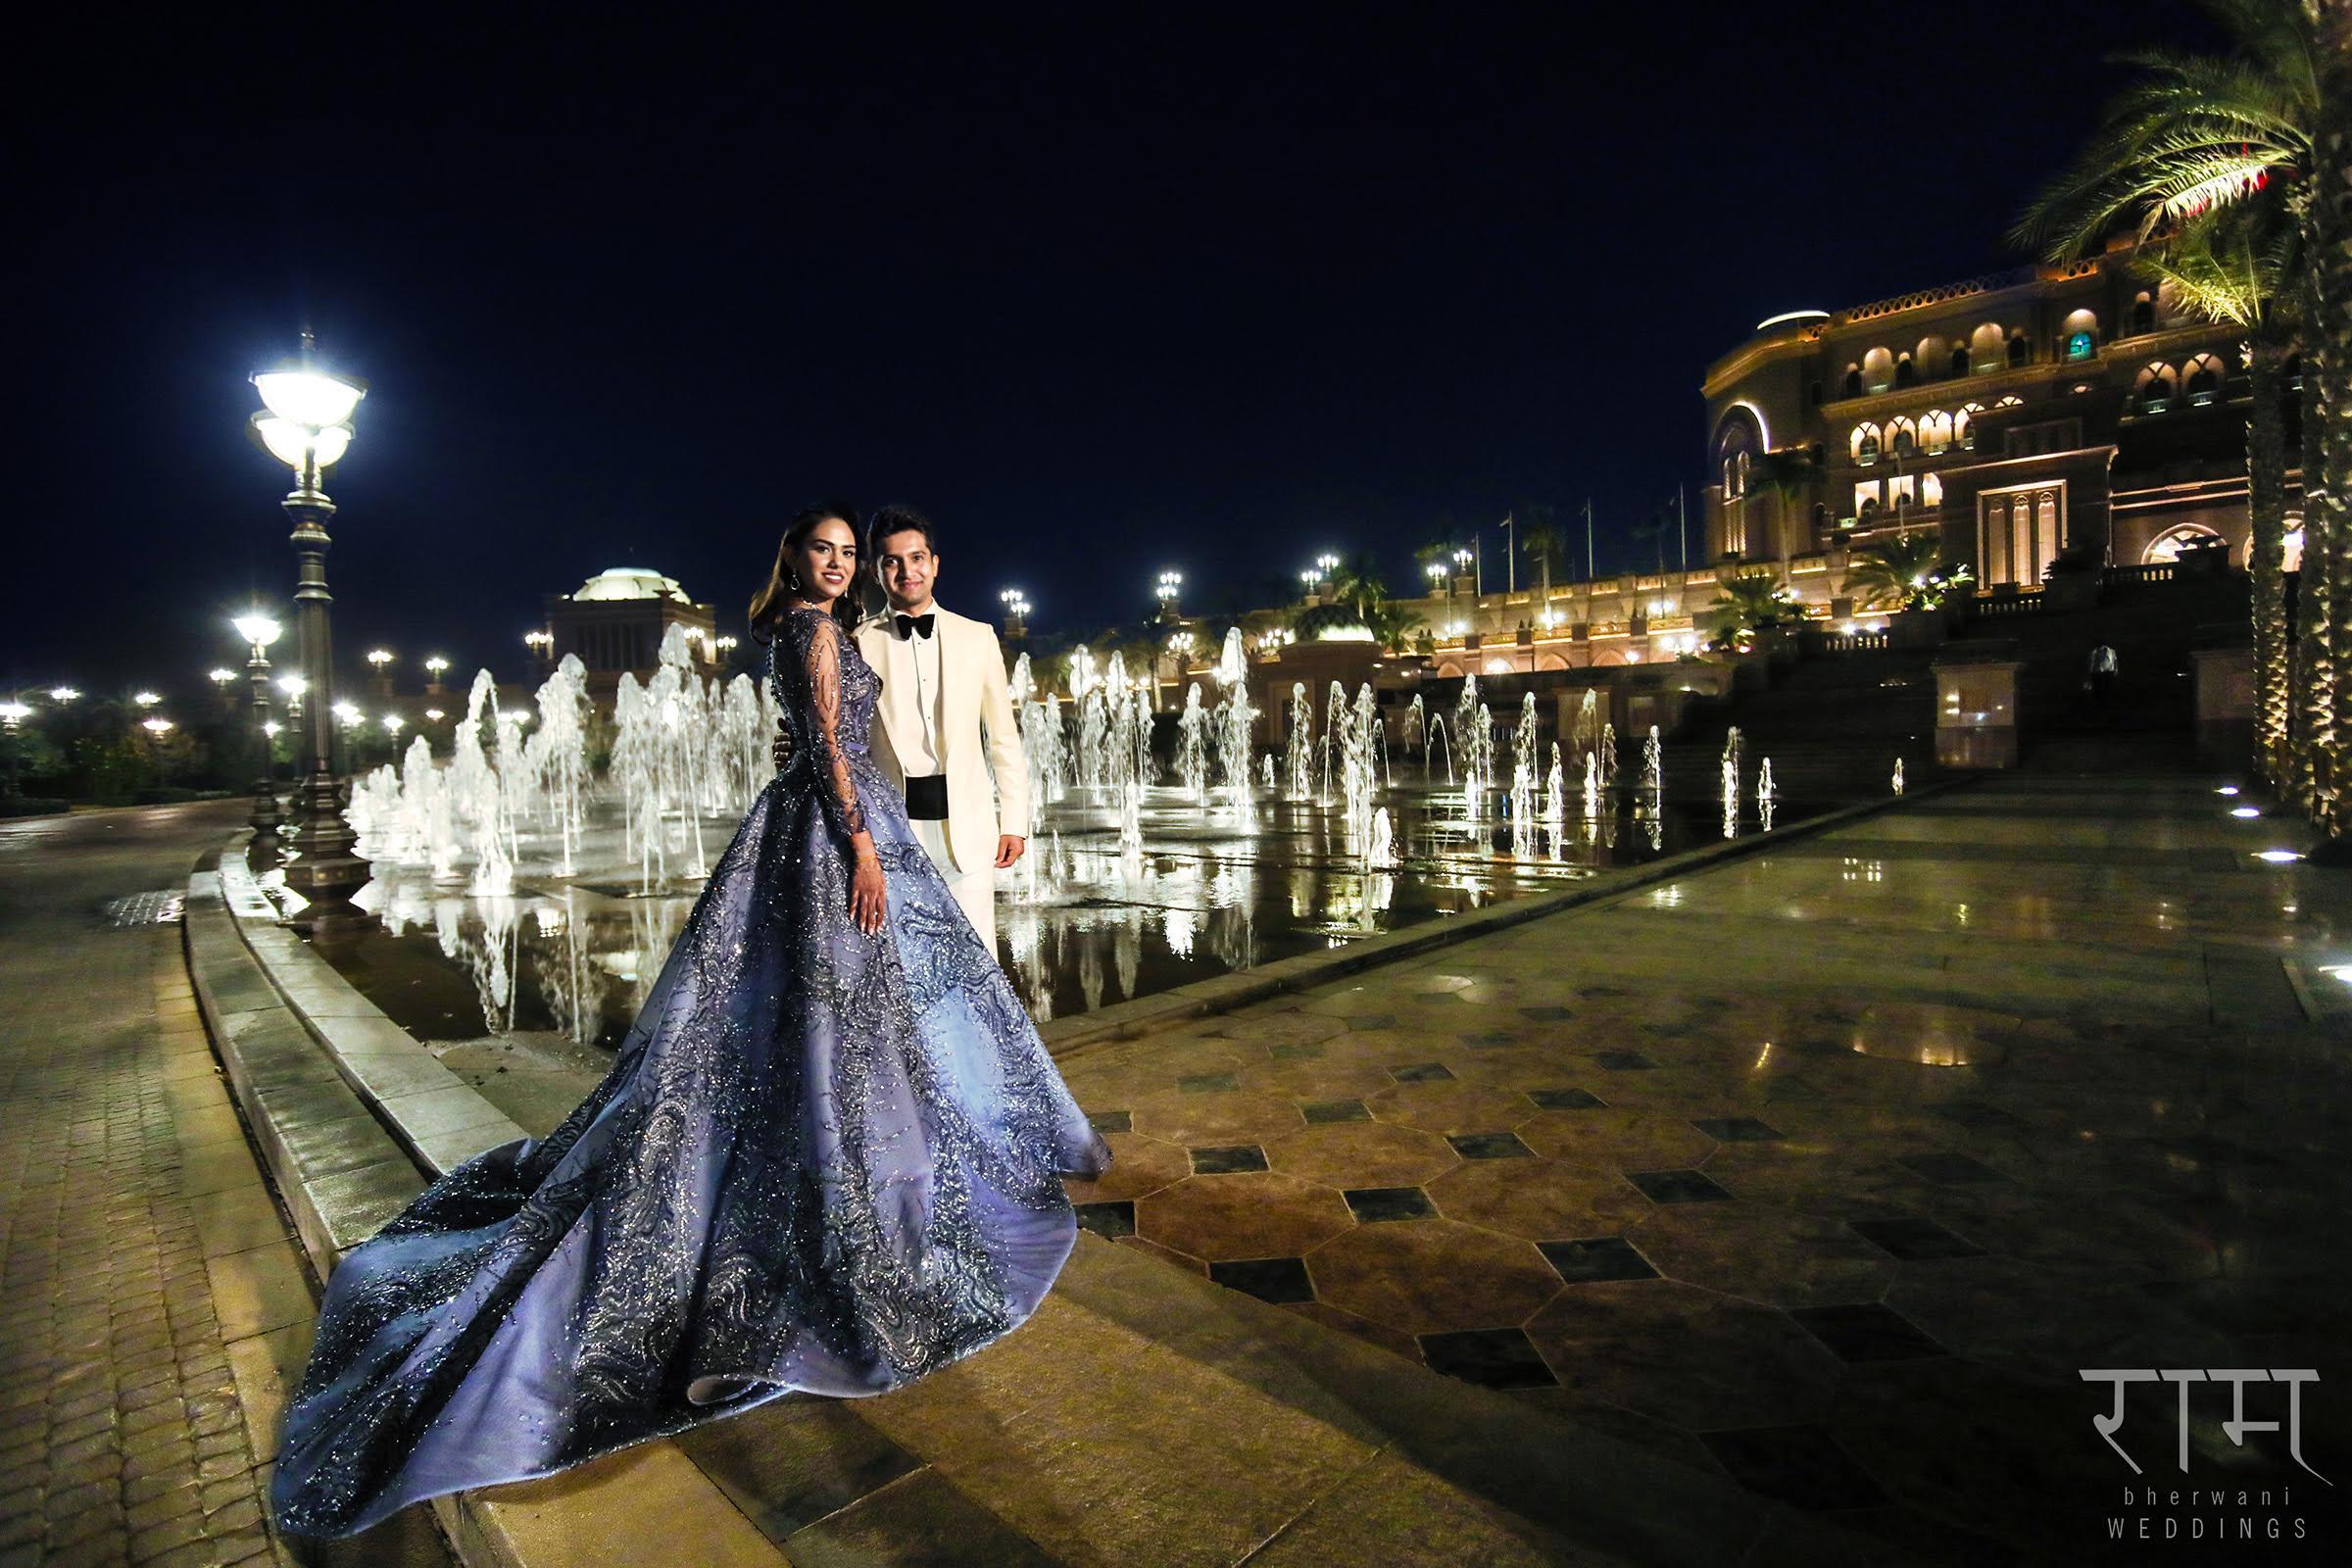 Ram Bherwani Captures Abu Dhabi Wedding by MEW Featuring Amitabh & Abhishek Bachchan!